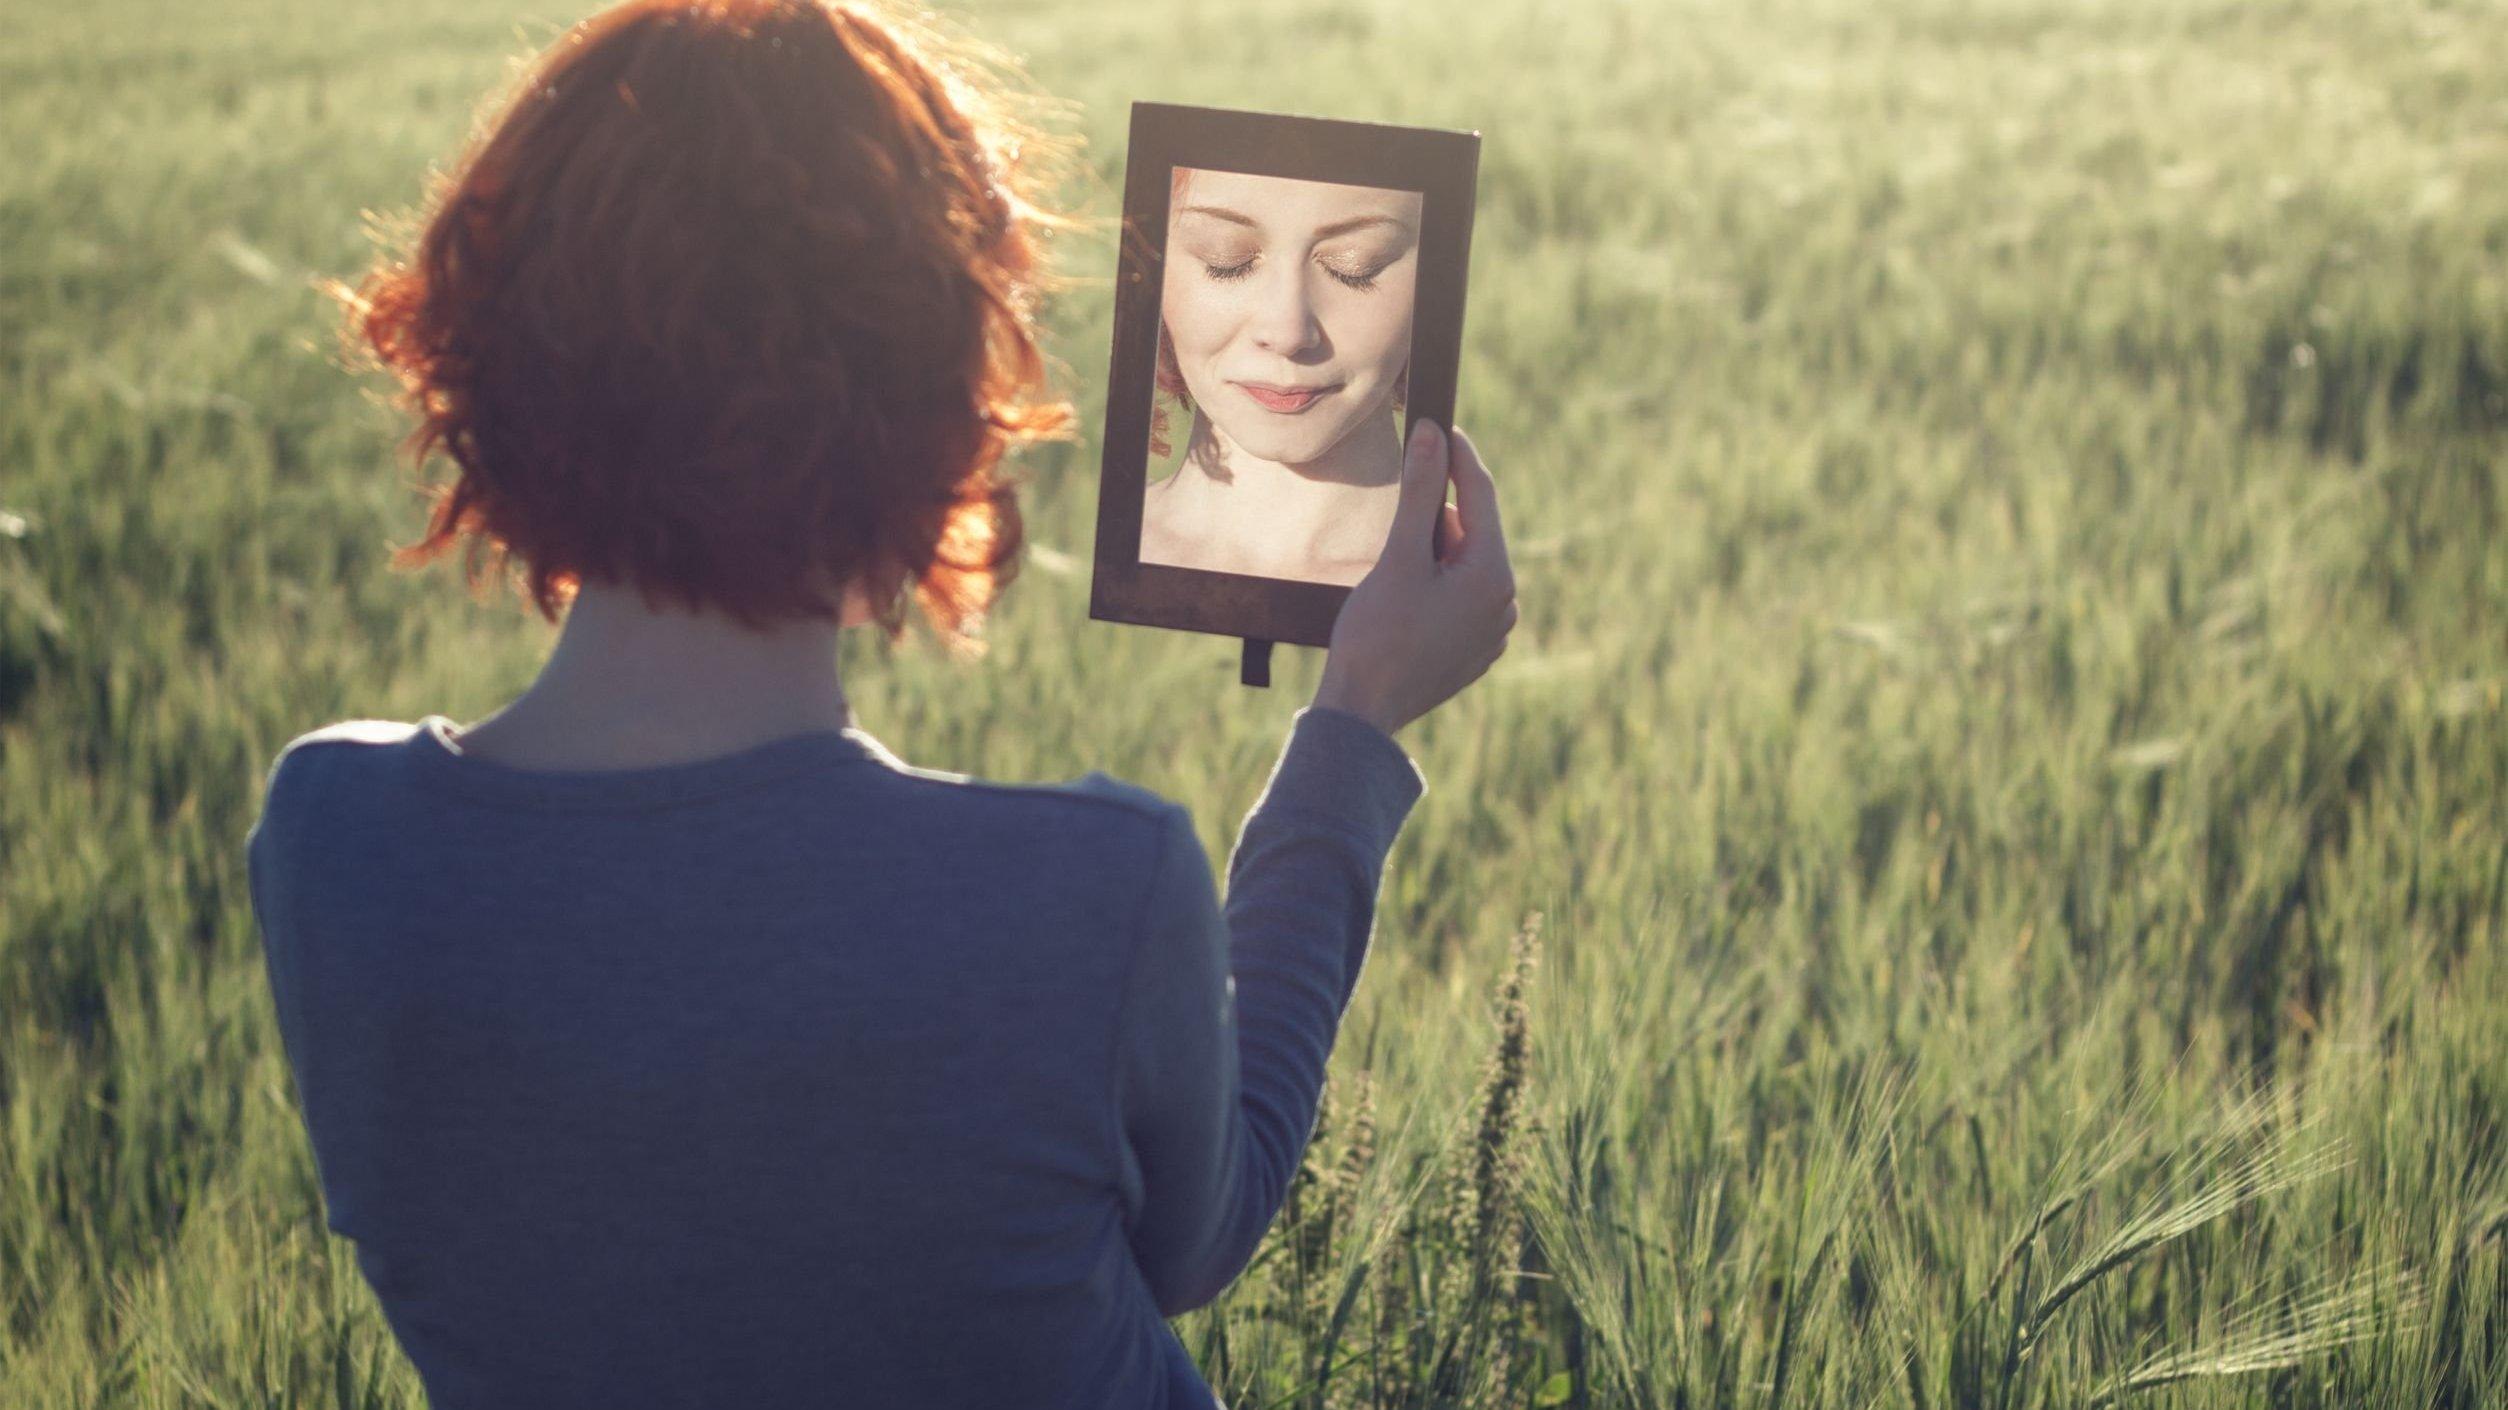 Mulher no gramando olhando para o espelho